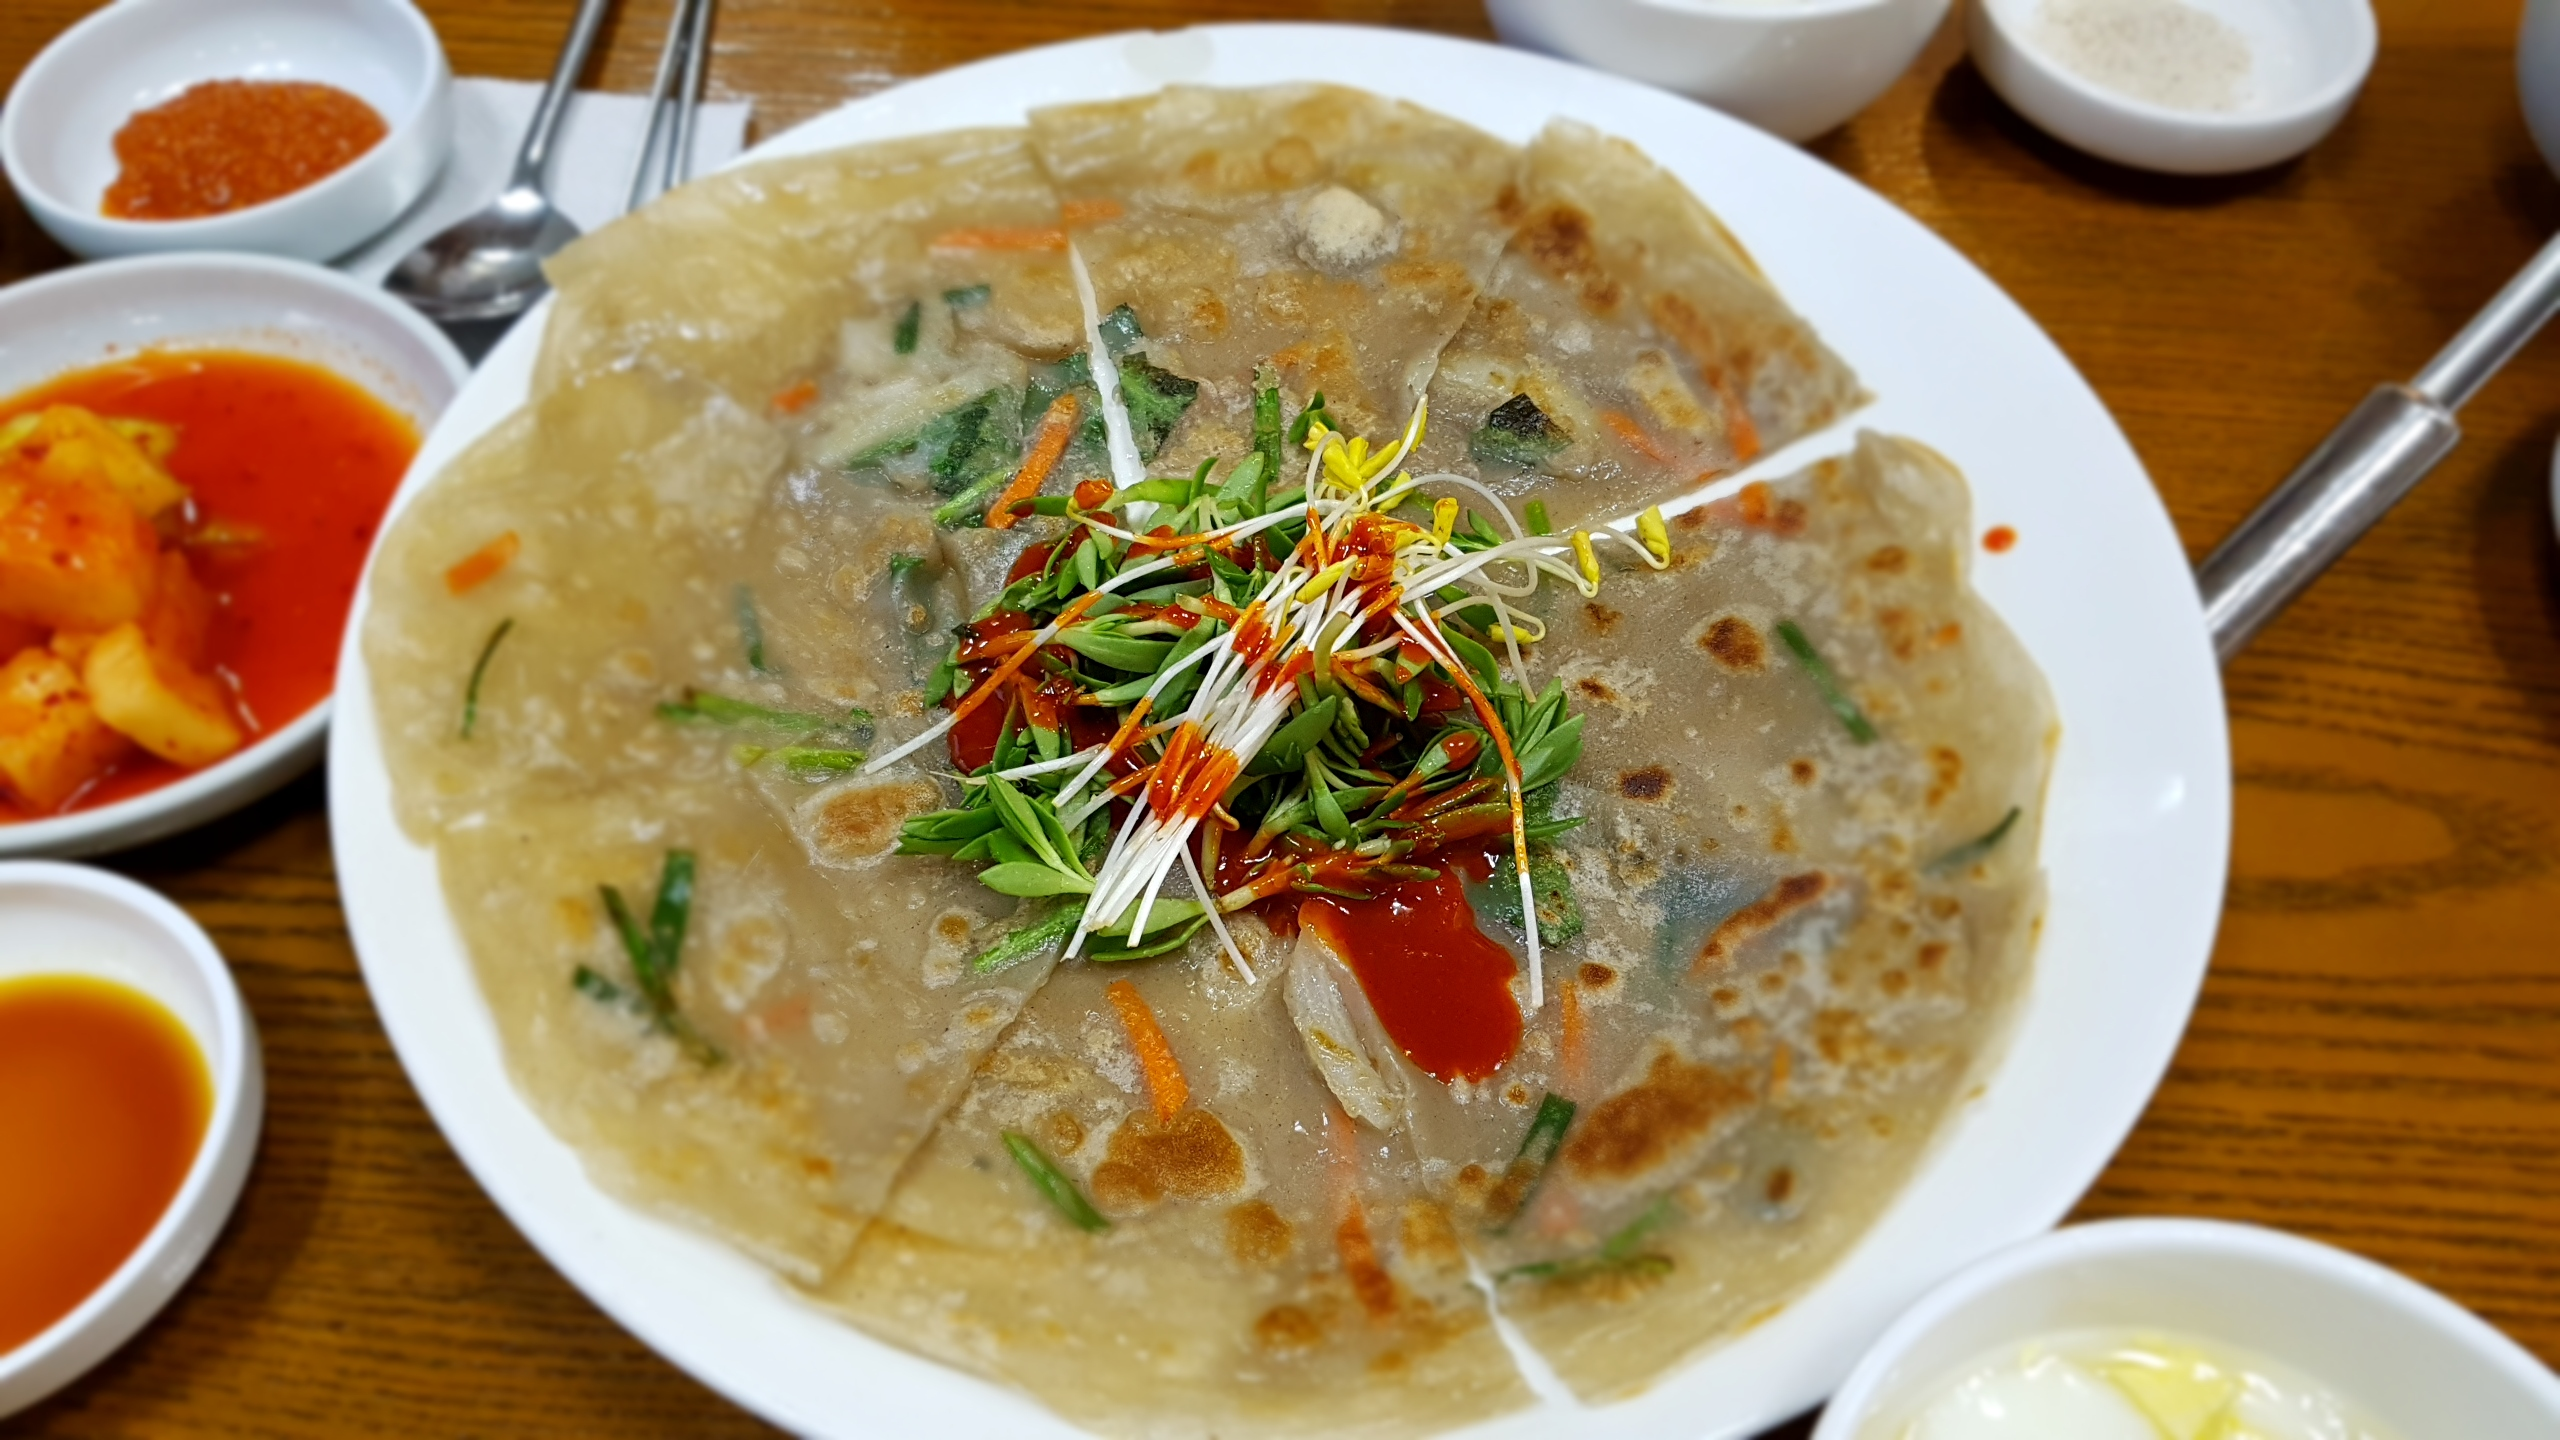 korean buckwheat pancake at Nurungji Baeksuk Seongbukdong